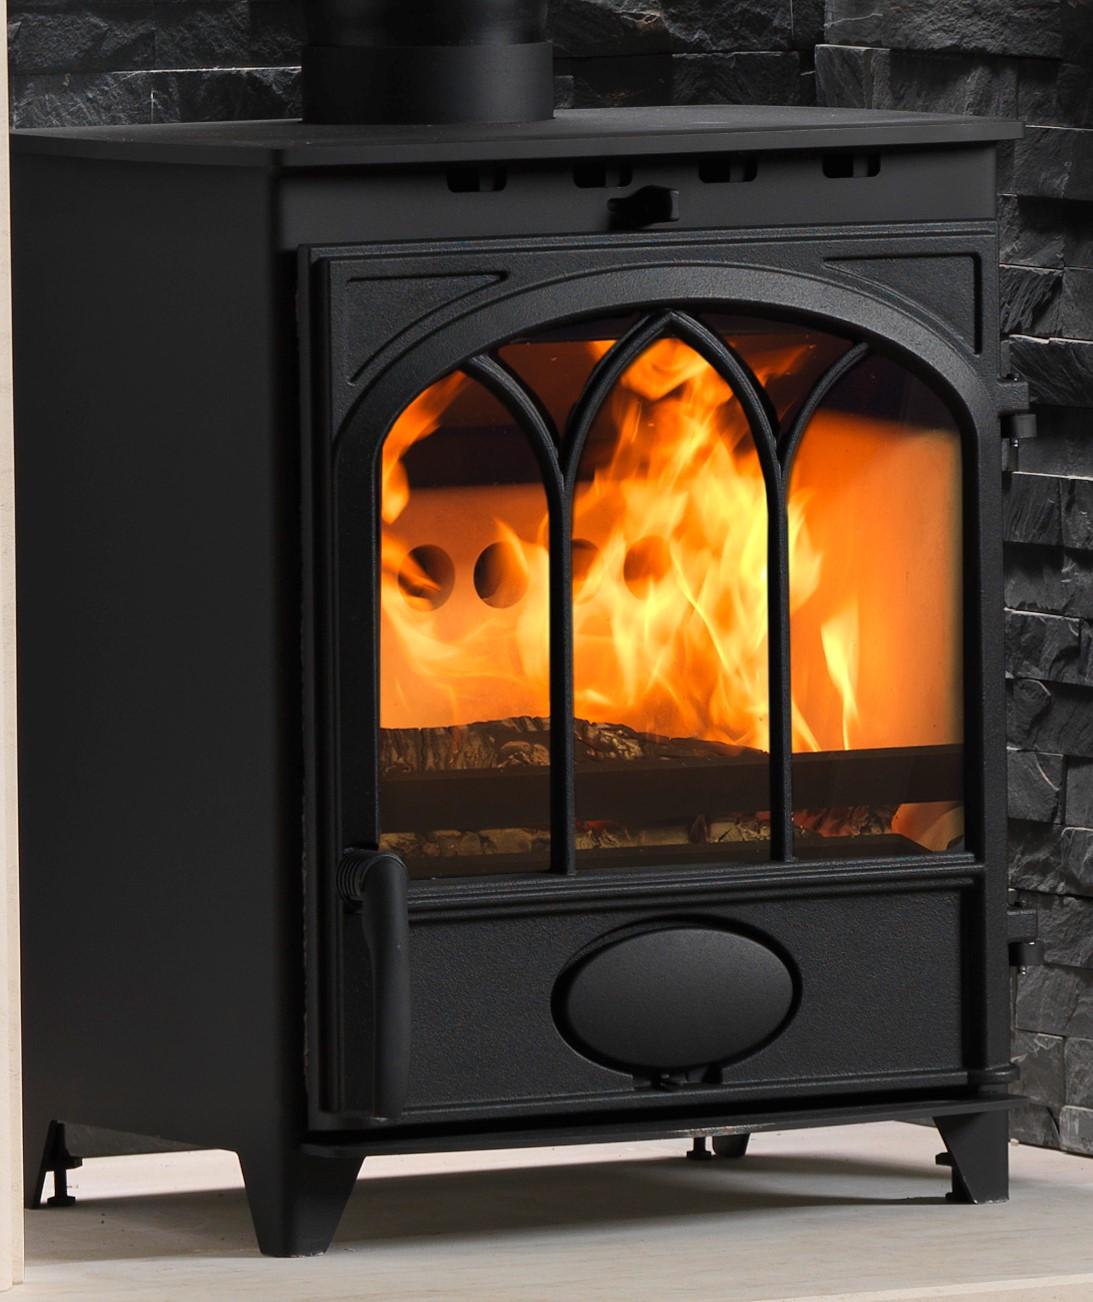 Fireline FT5W Eco